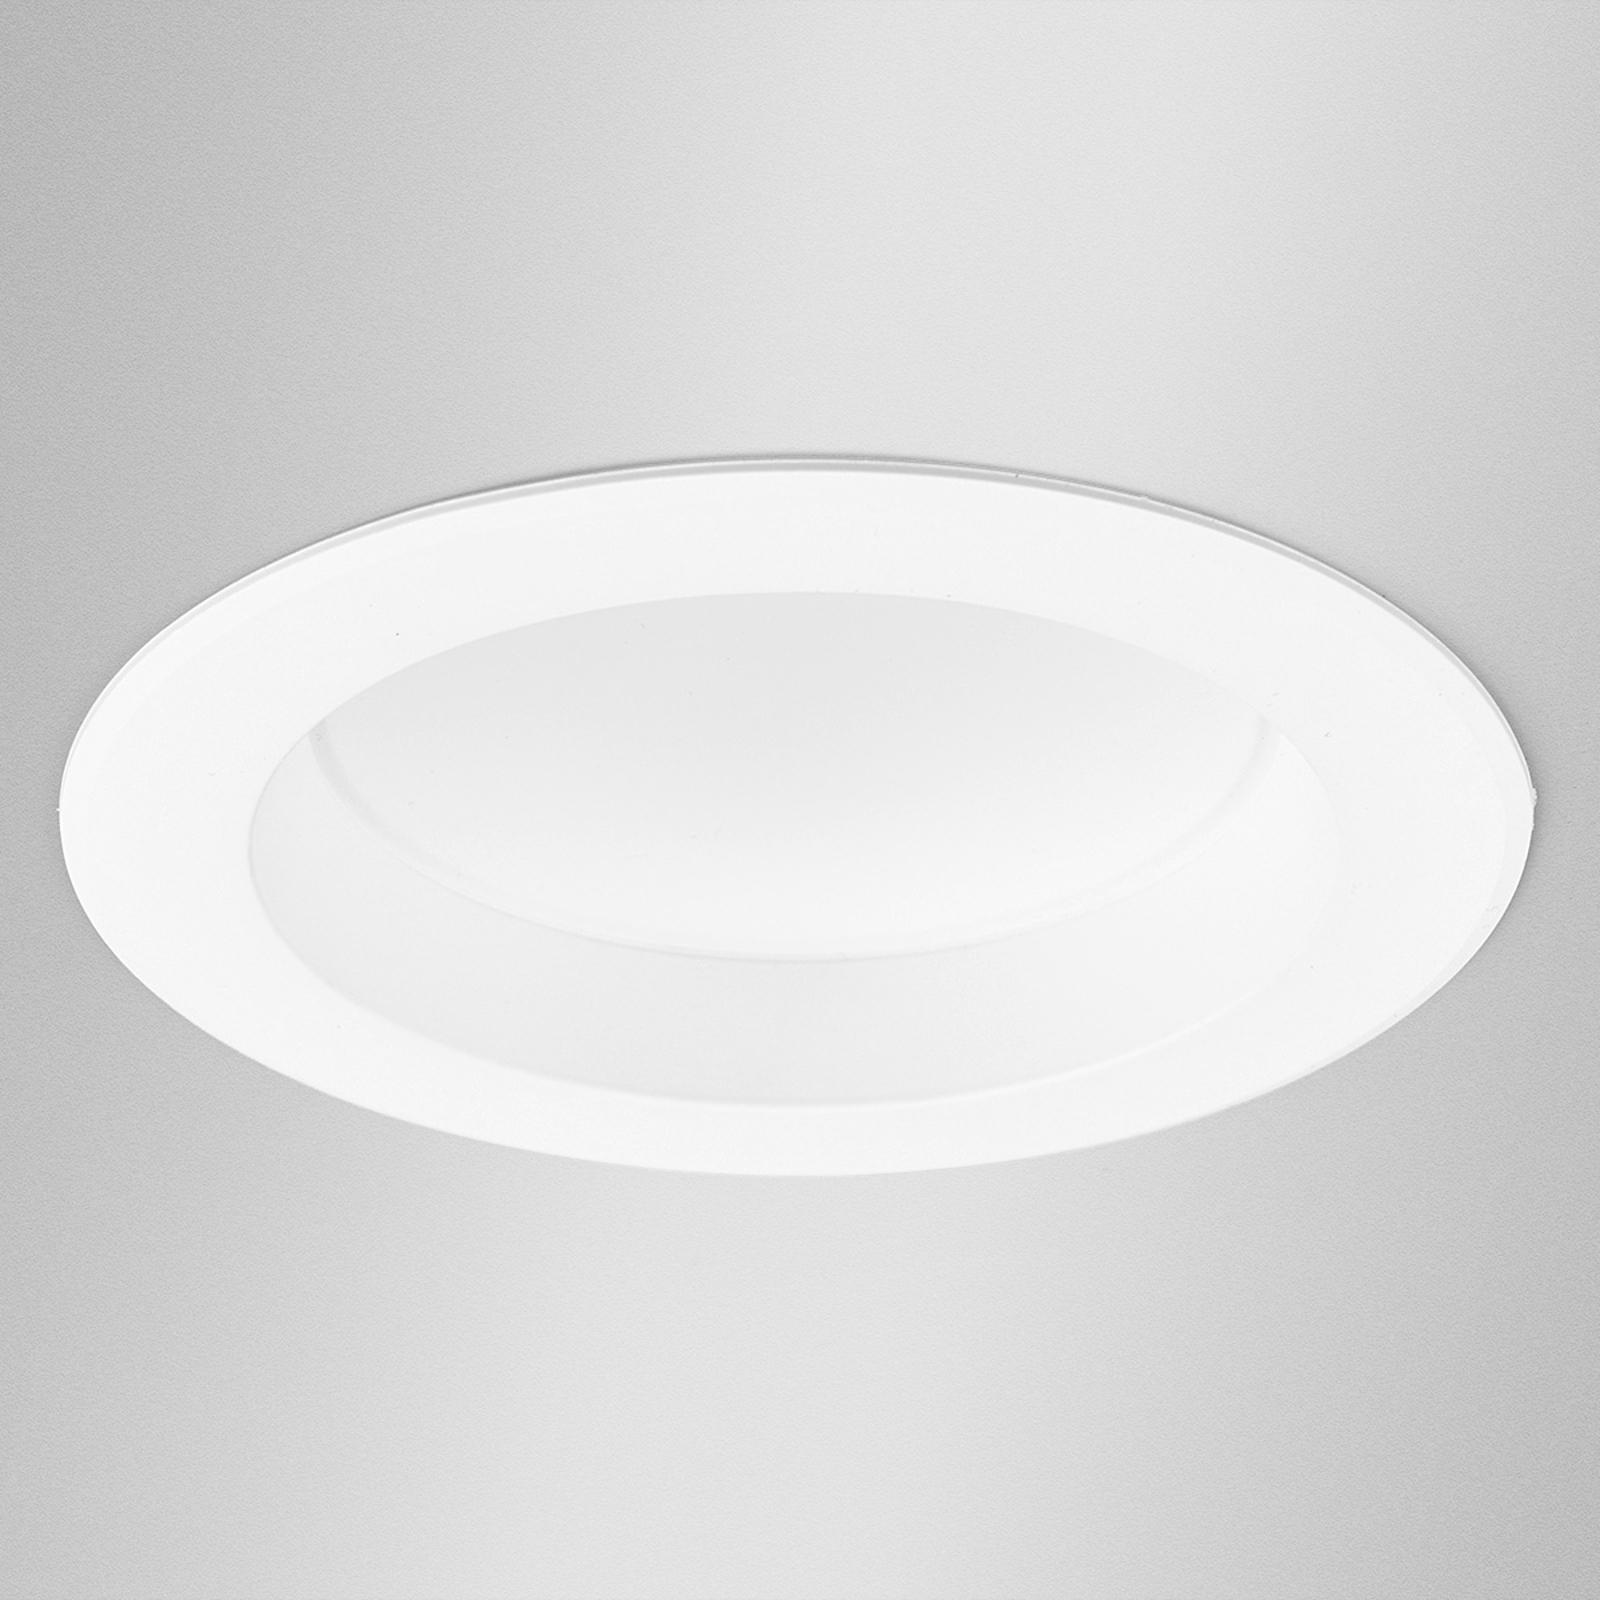 lámpara empotrable LED Arian, 14,5cm 12,5W